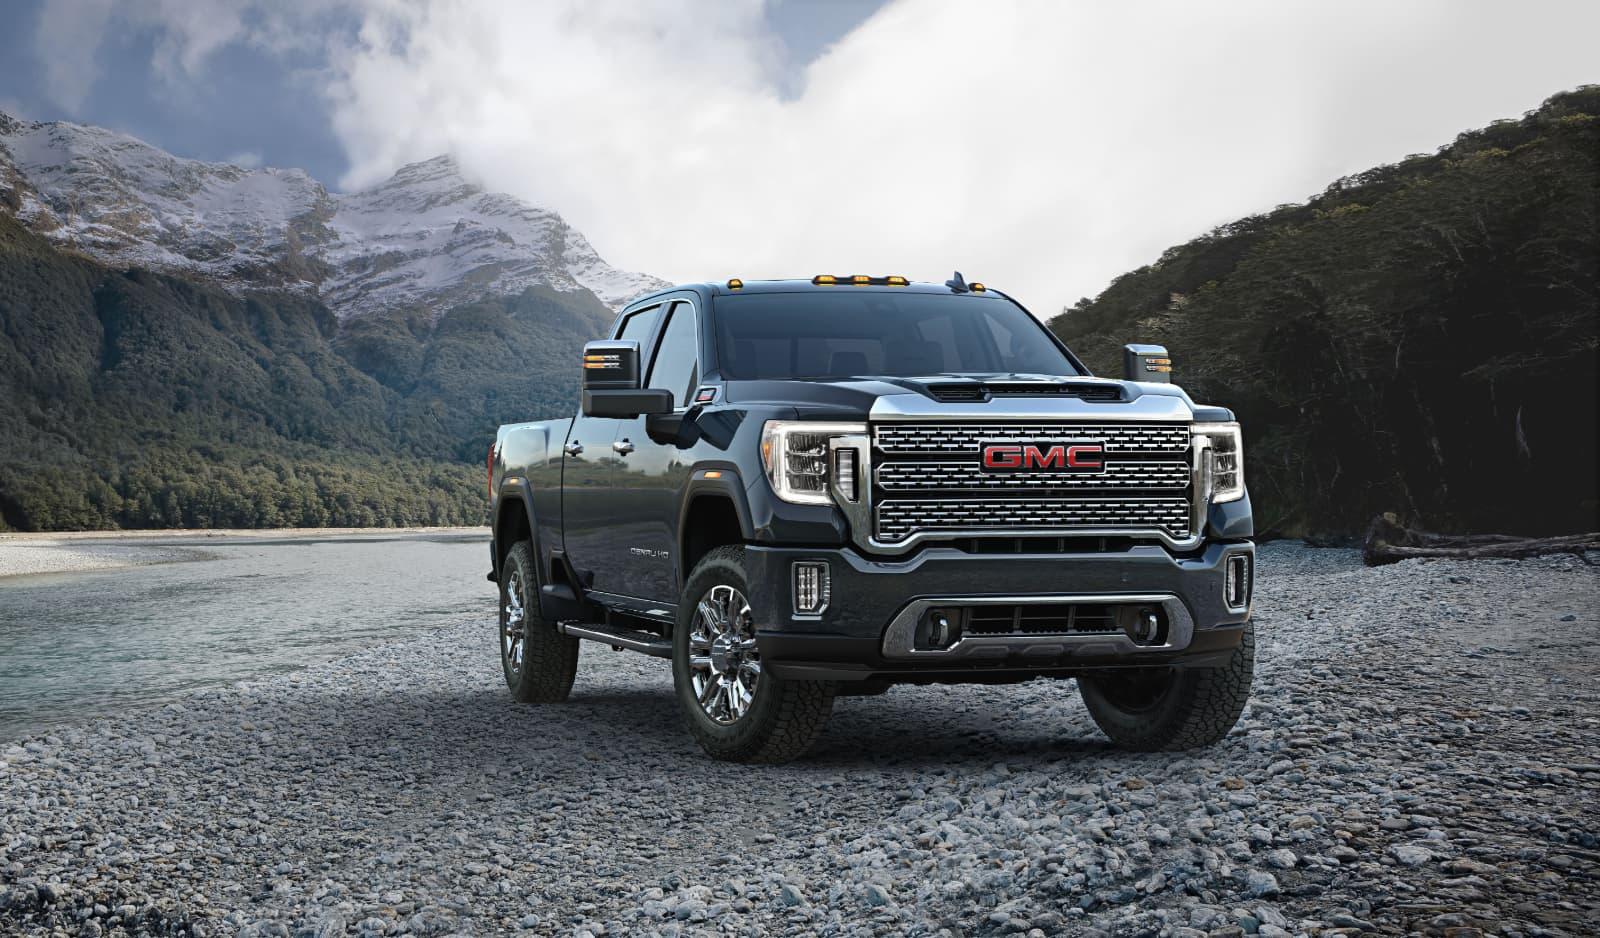 GMC 2020 Sierra Heavy Duty pickup truck